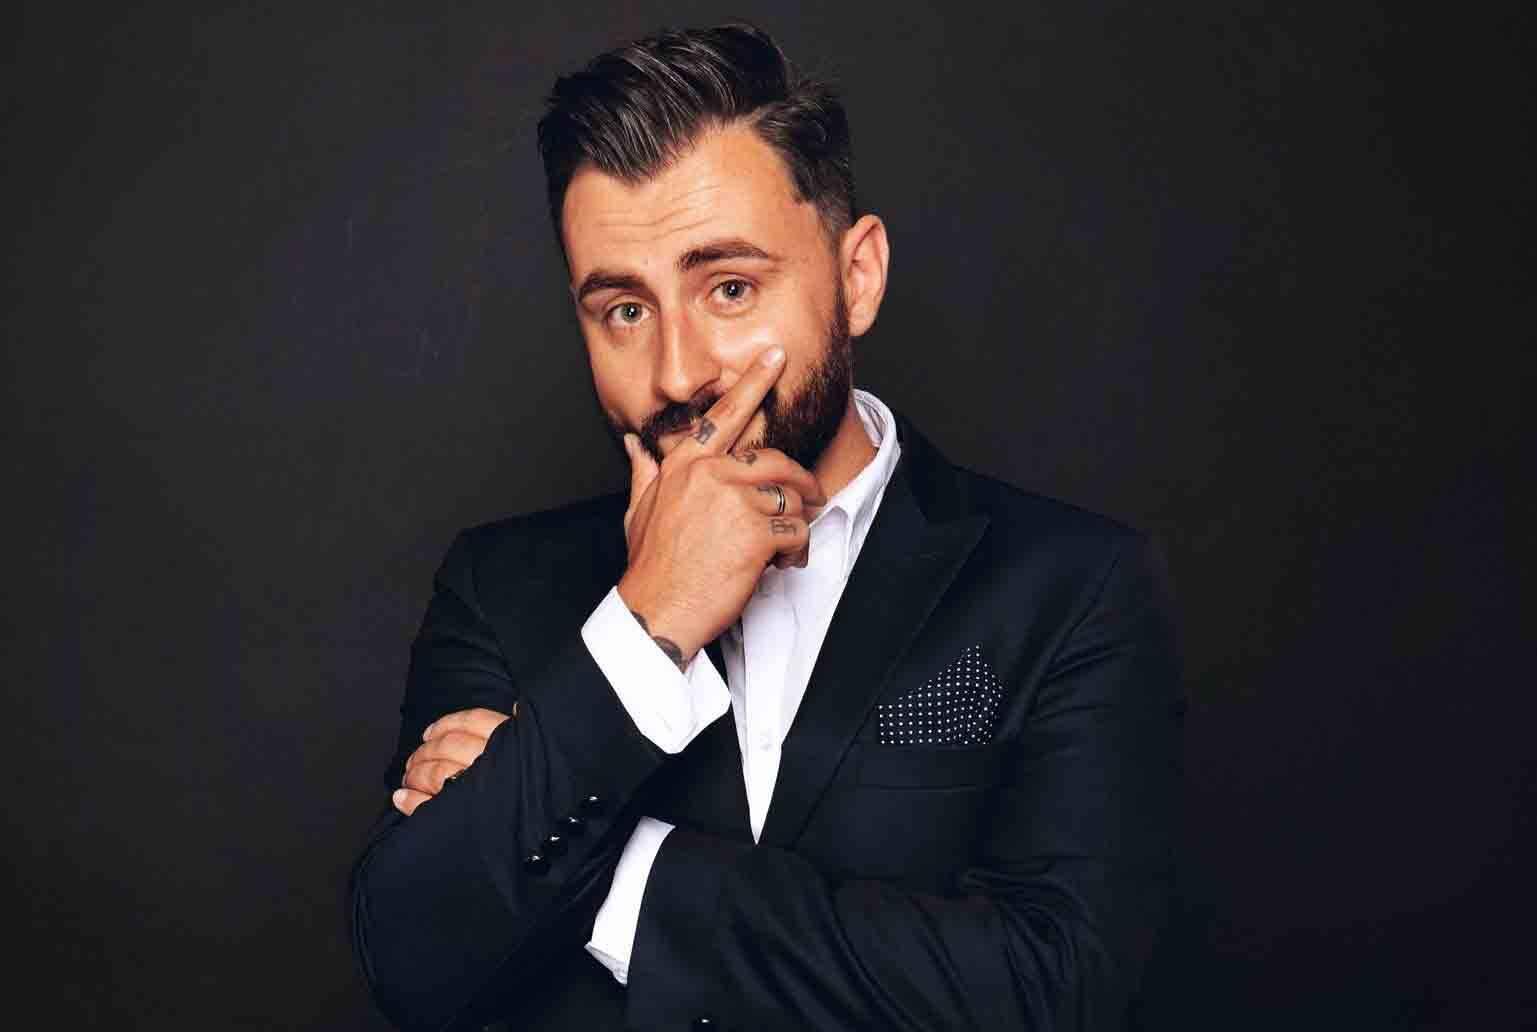 Riccardo Lex: conheça o influenciador especializado no mercado de luxo que faz sucesso nas redes sociais. Foto: Divulgação